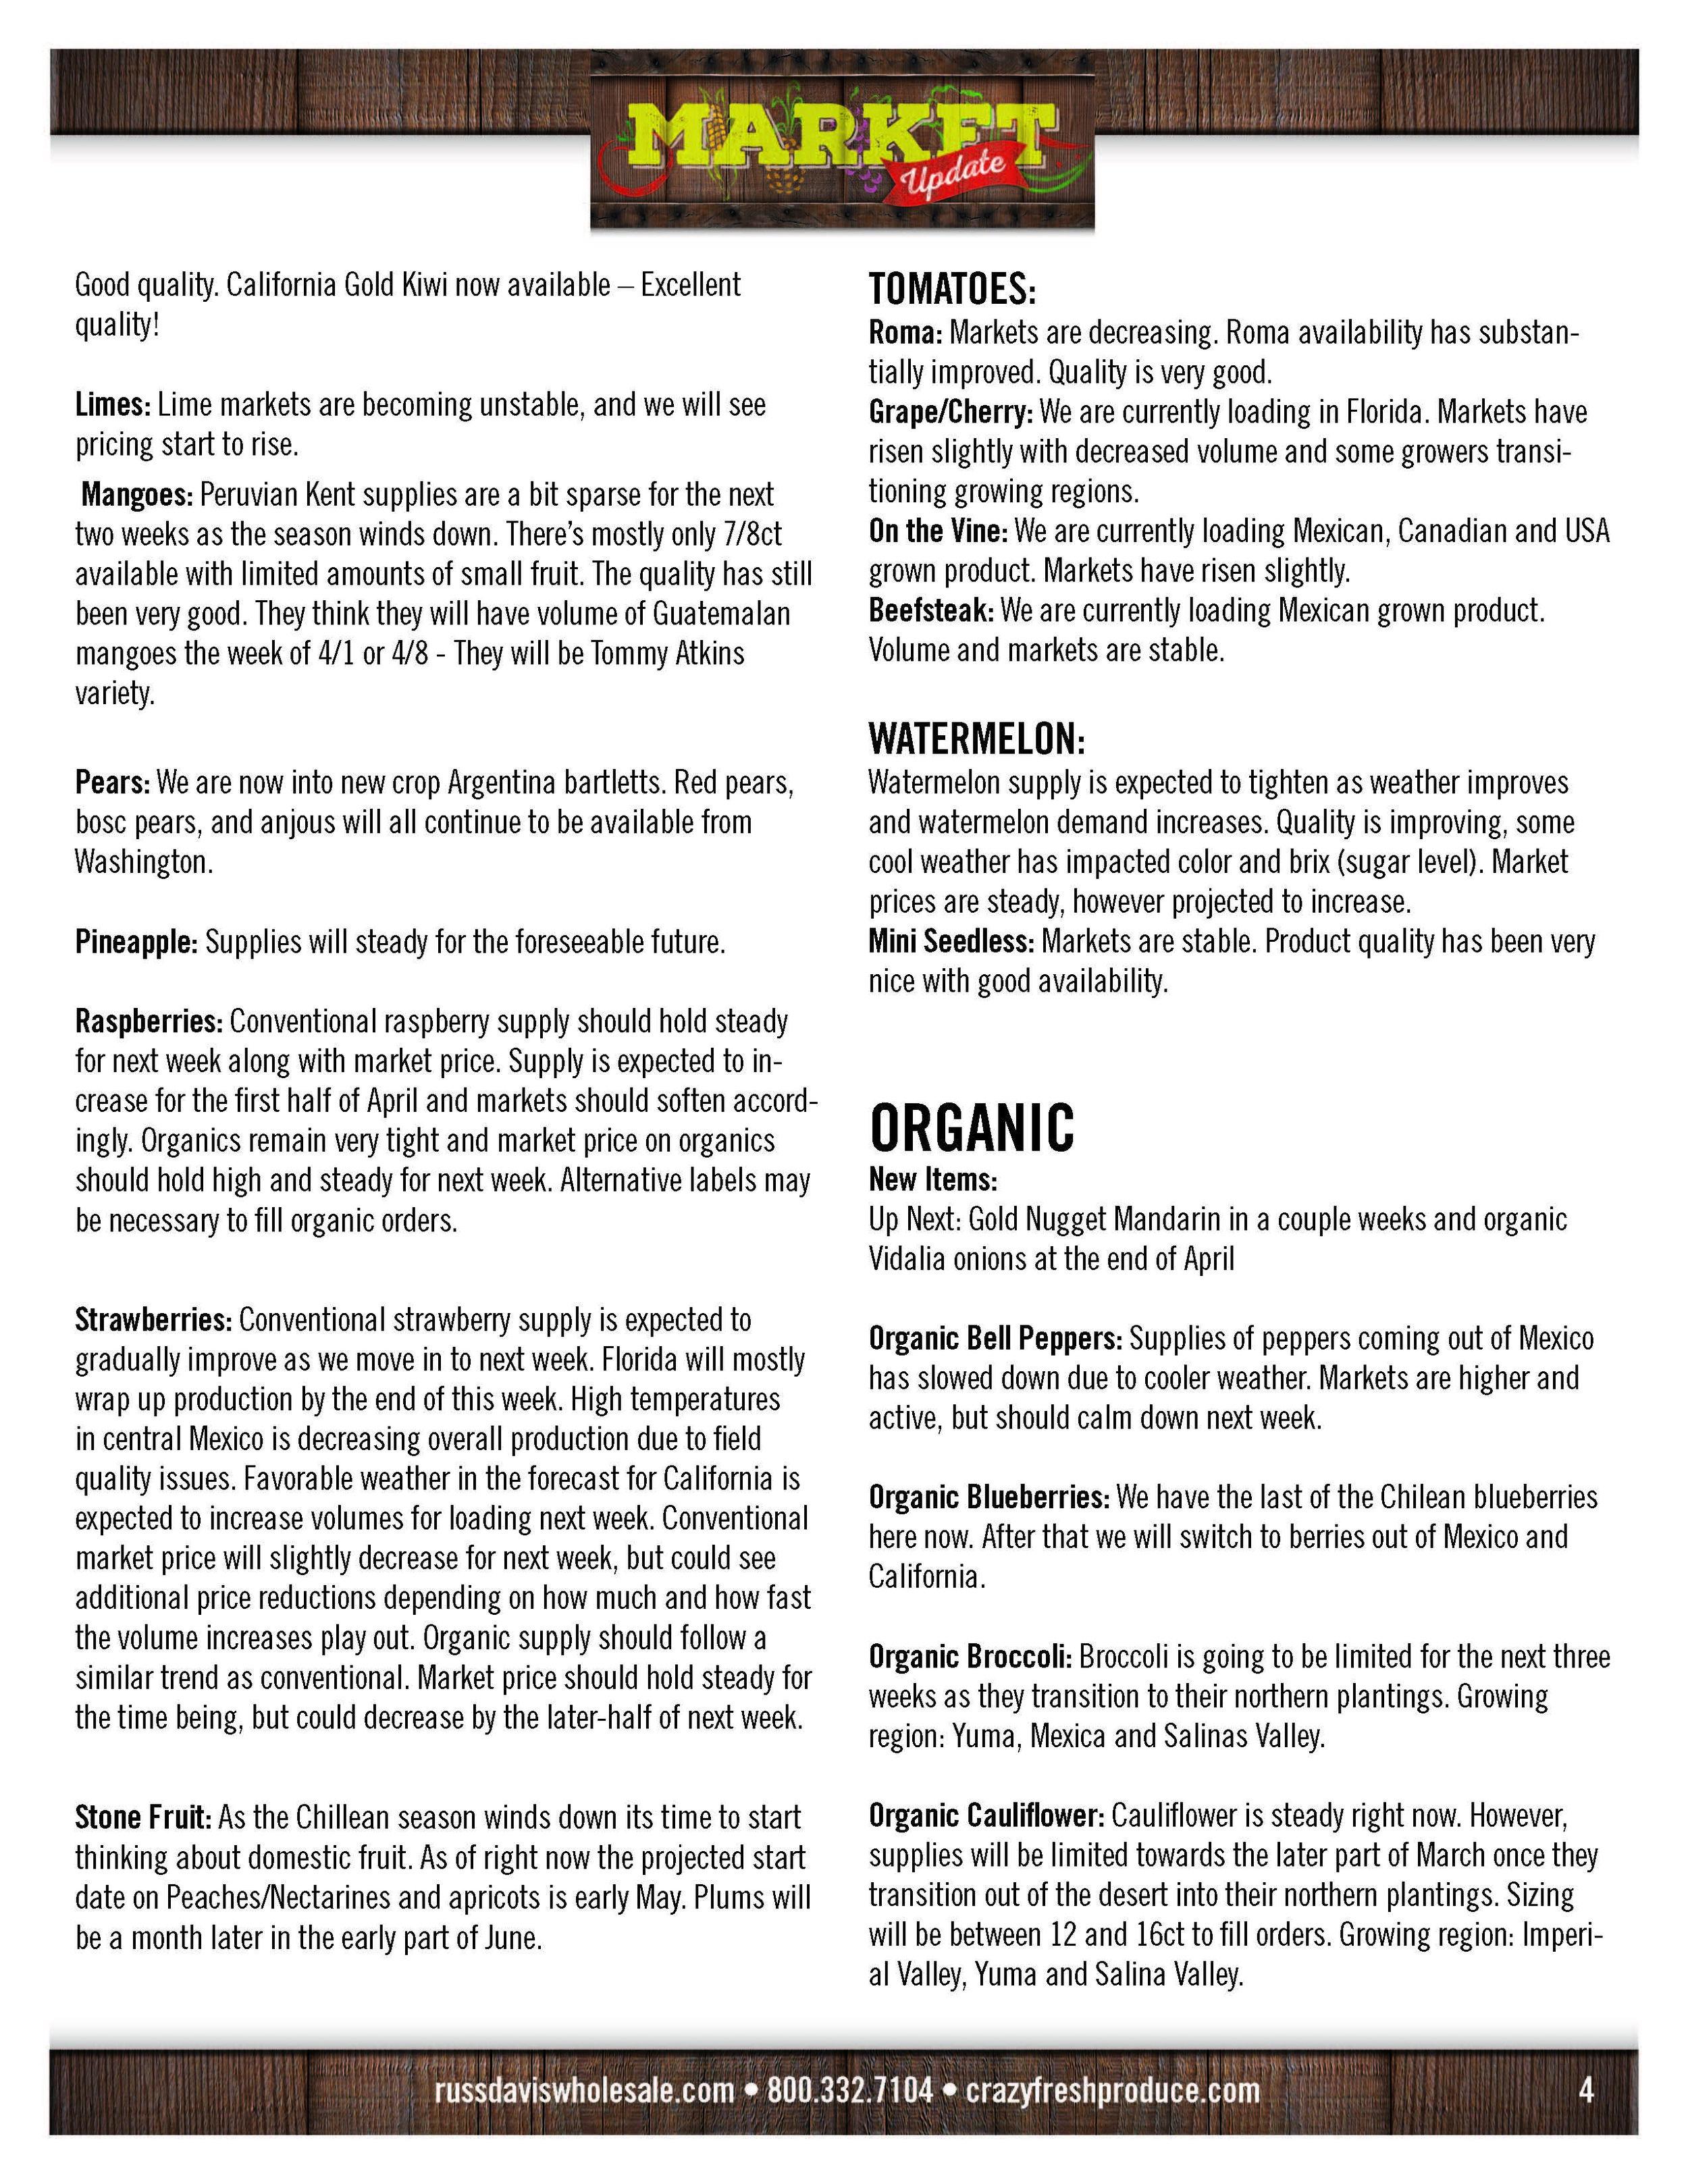 RDW_Market_Update_Mar21_19_Page_4.jpg